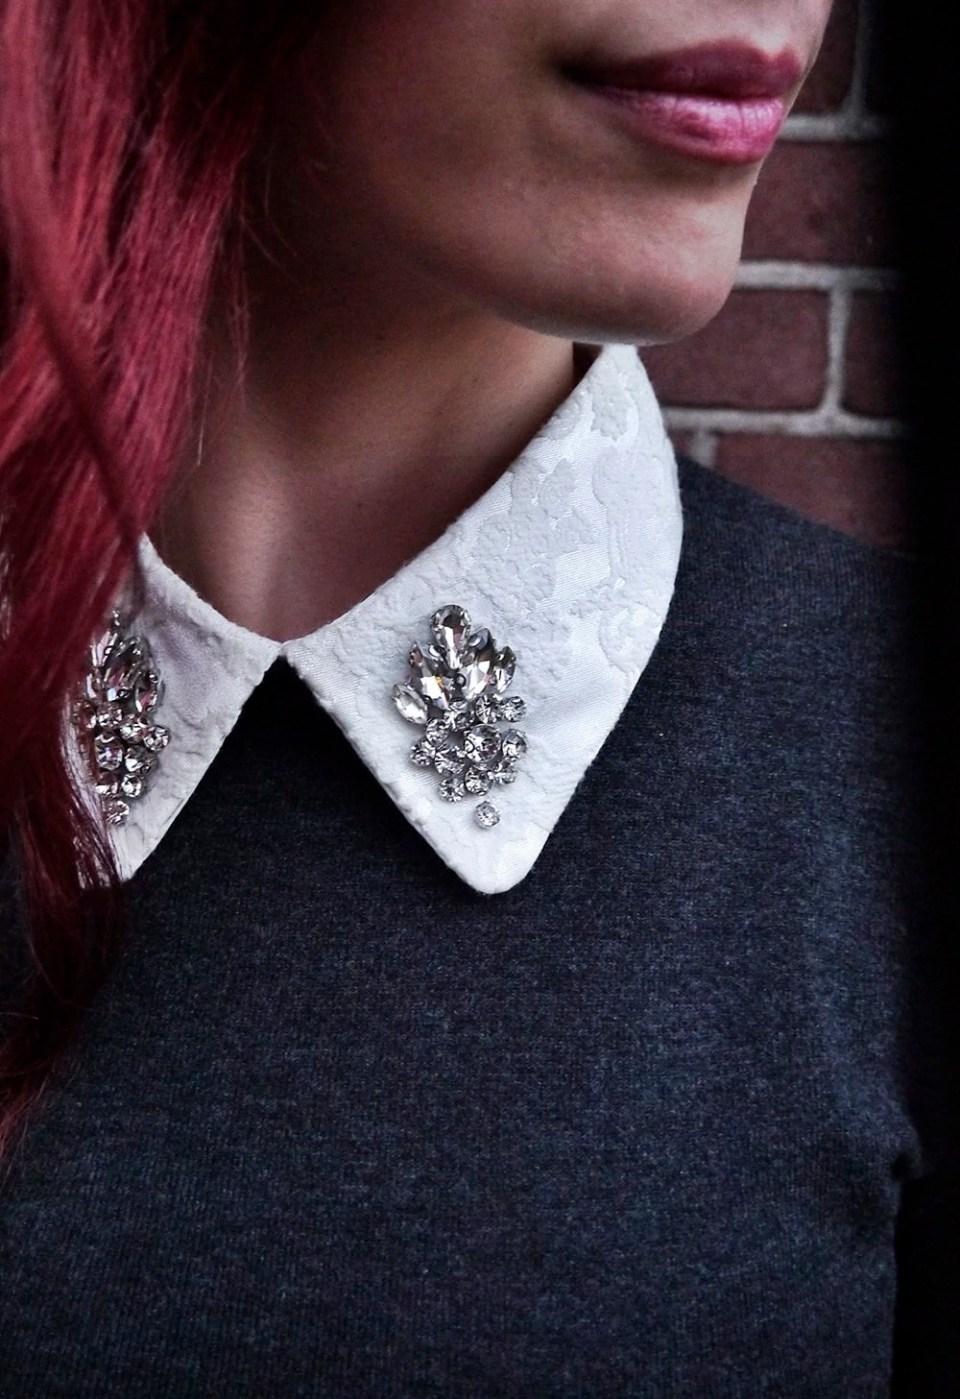 statement accessories style in details.jpg